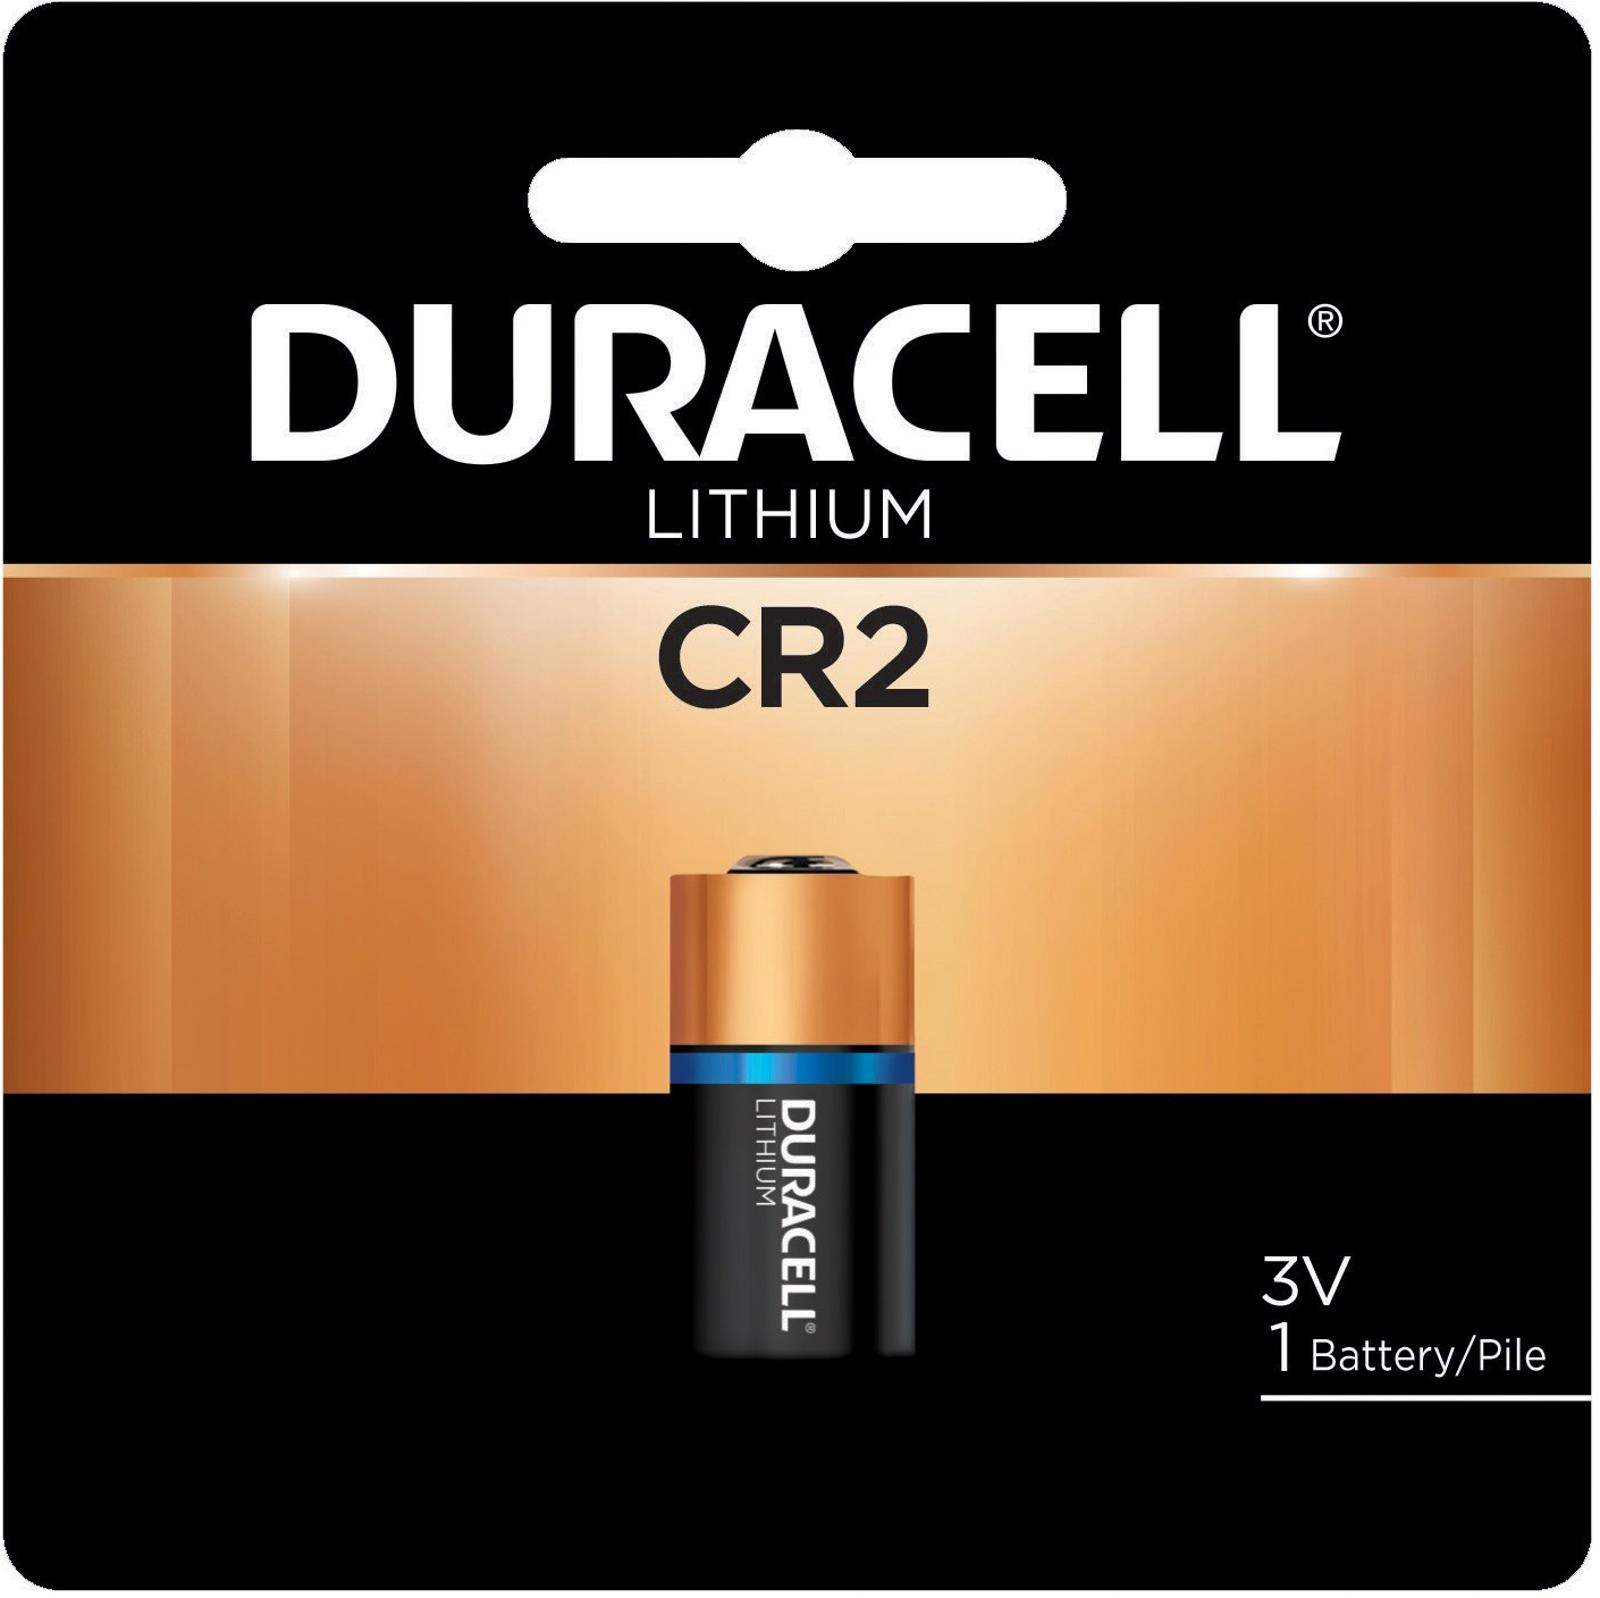 3x Duracell Lithium Photo Battery CR15H270 3V CR2 (3x 1er Blister)